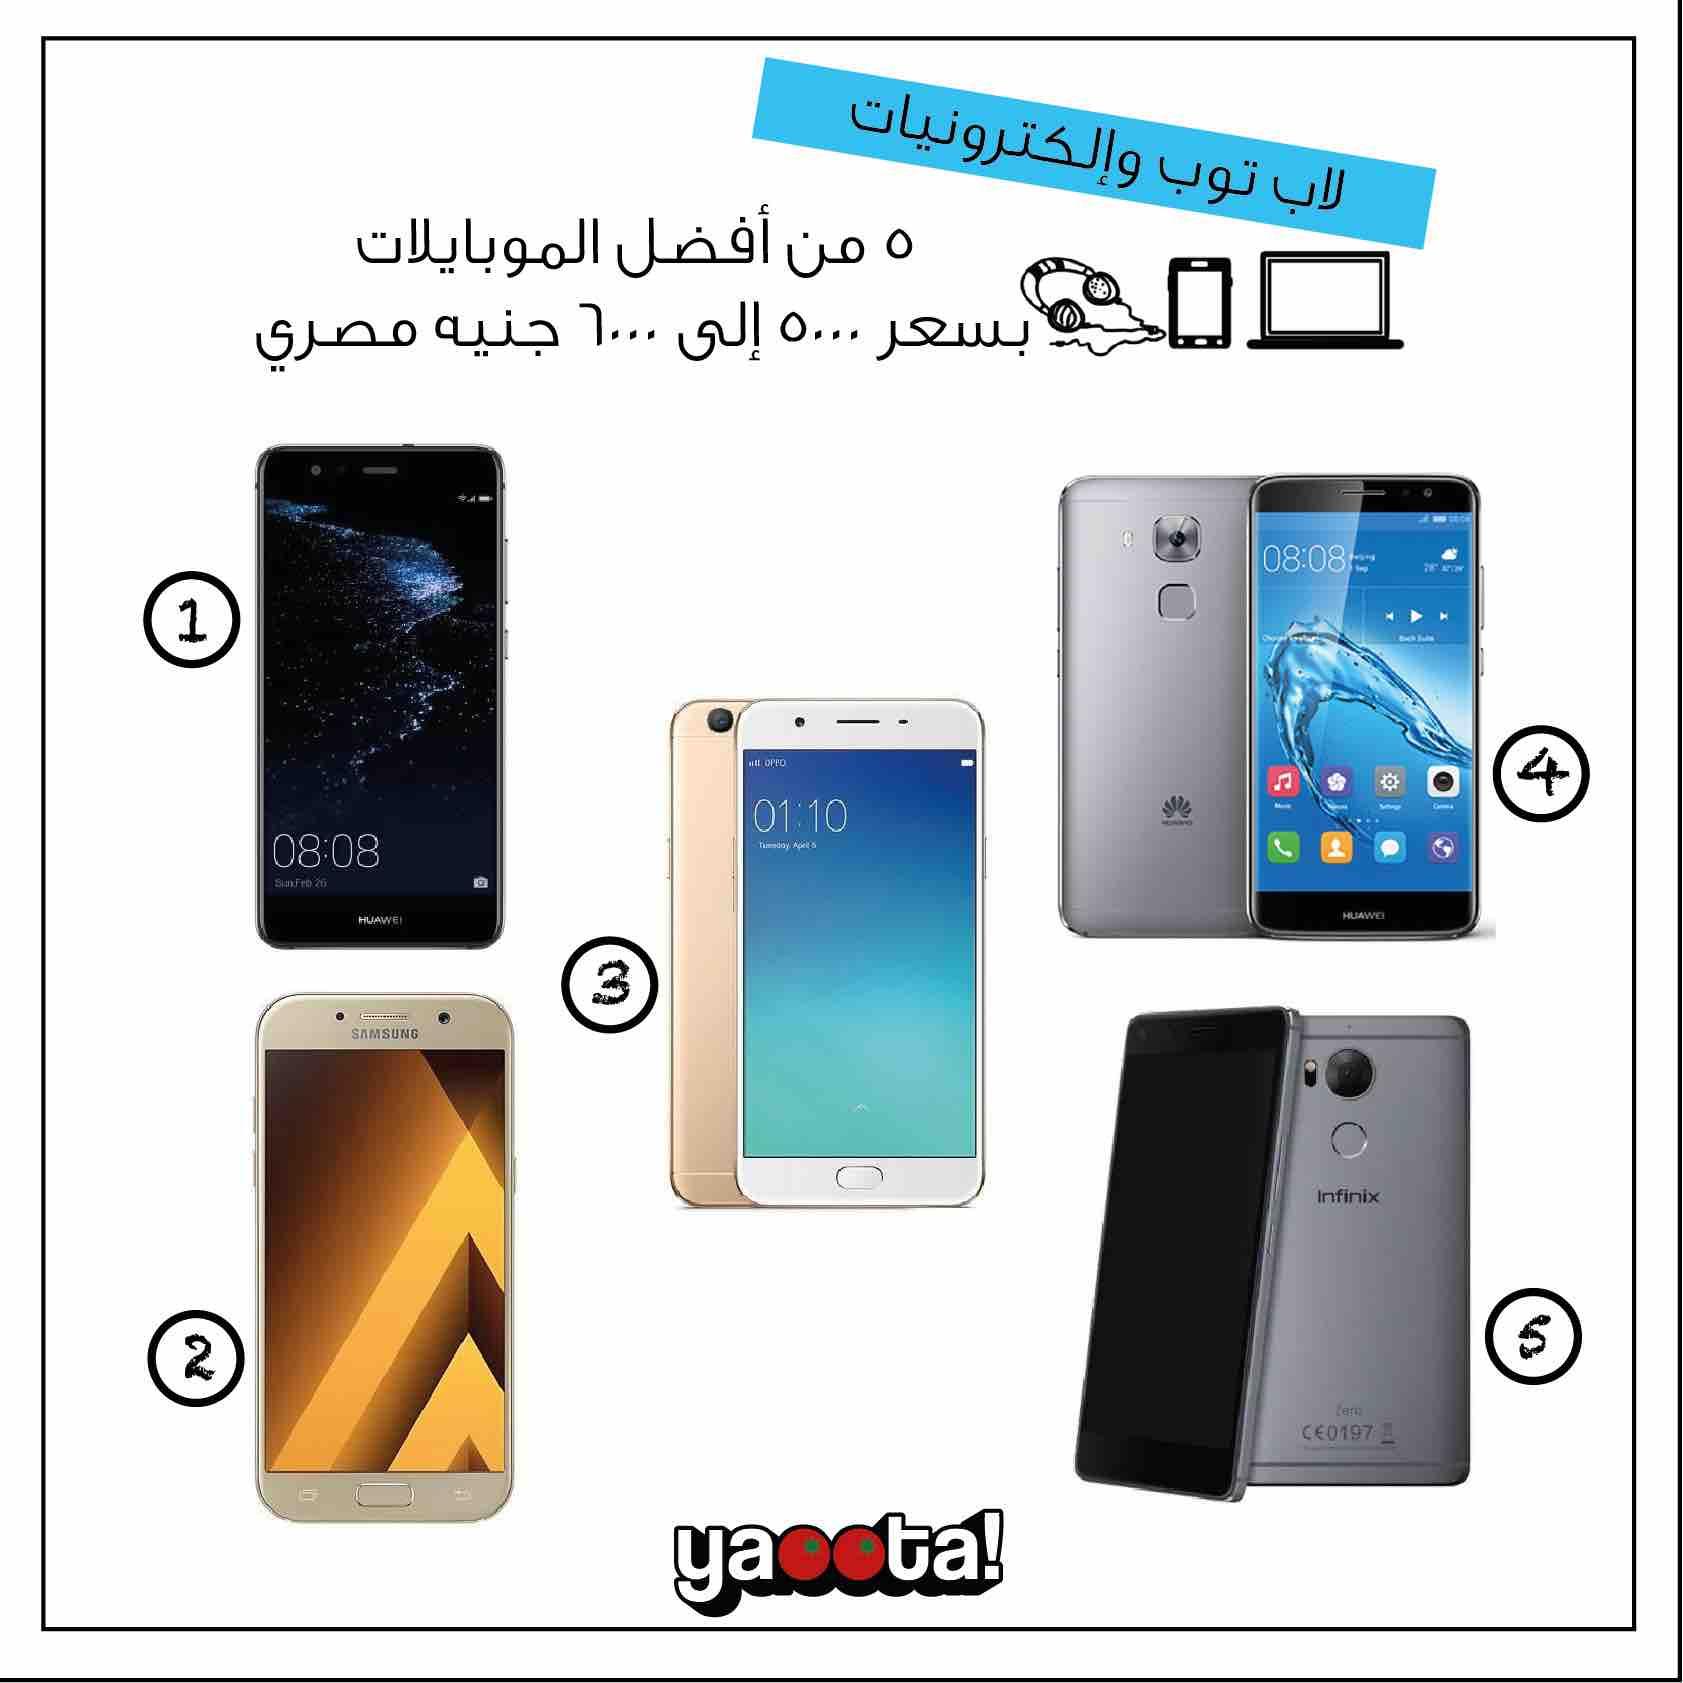 أفضل موبايلات بسعر من 5 إلى 6 الاف جنيه في مصر